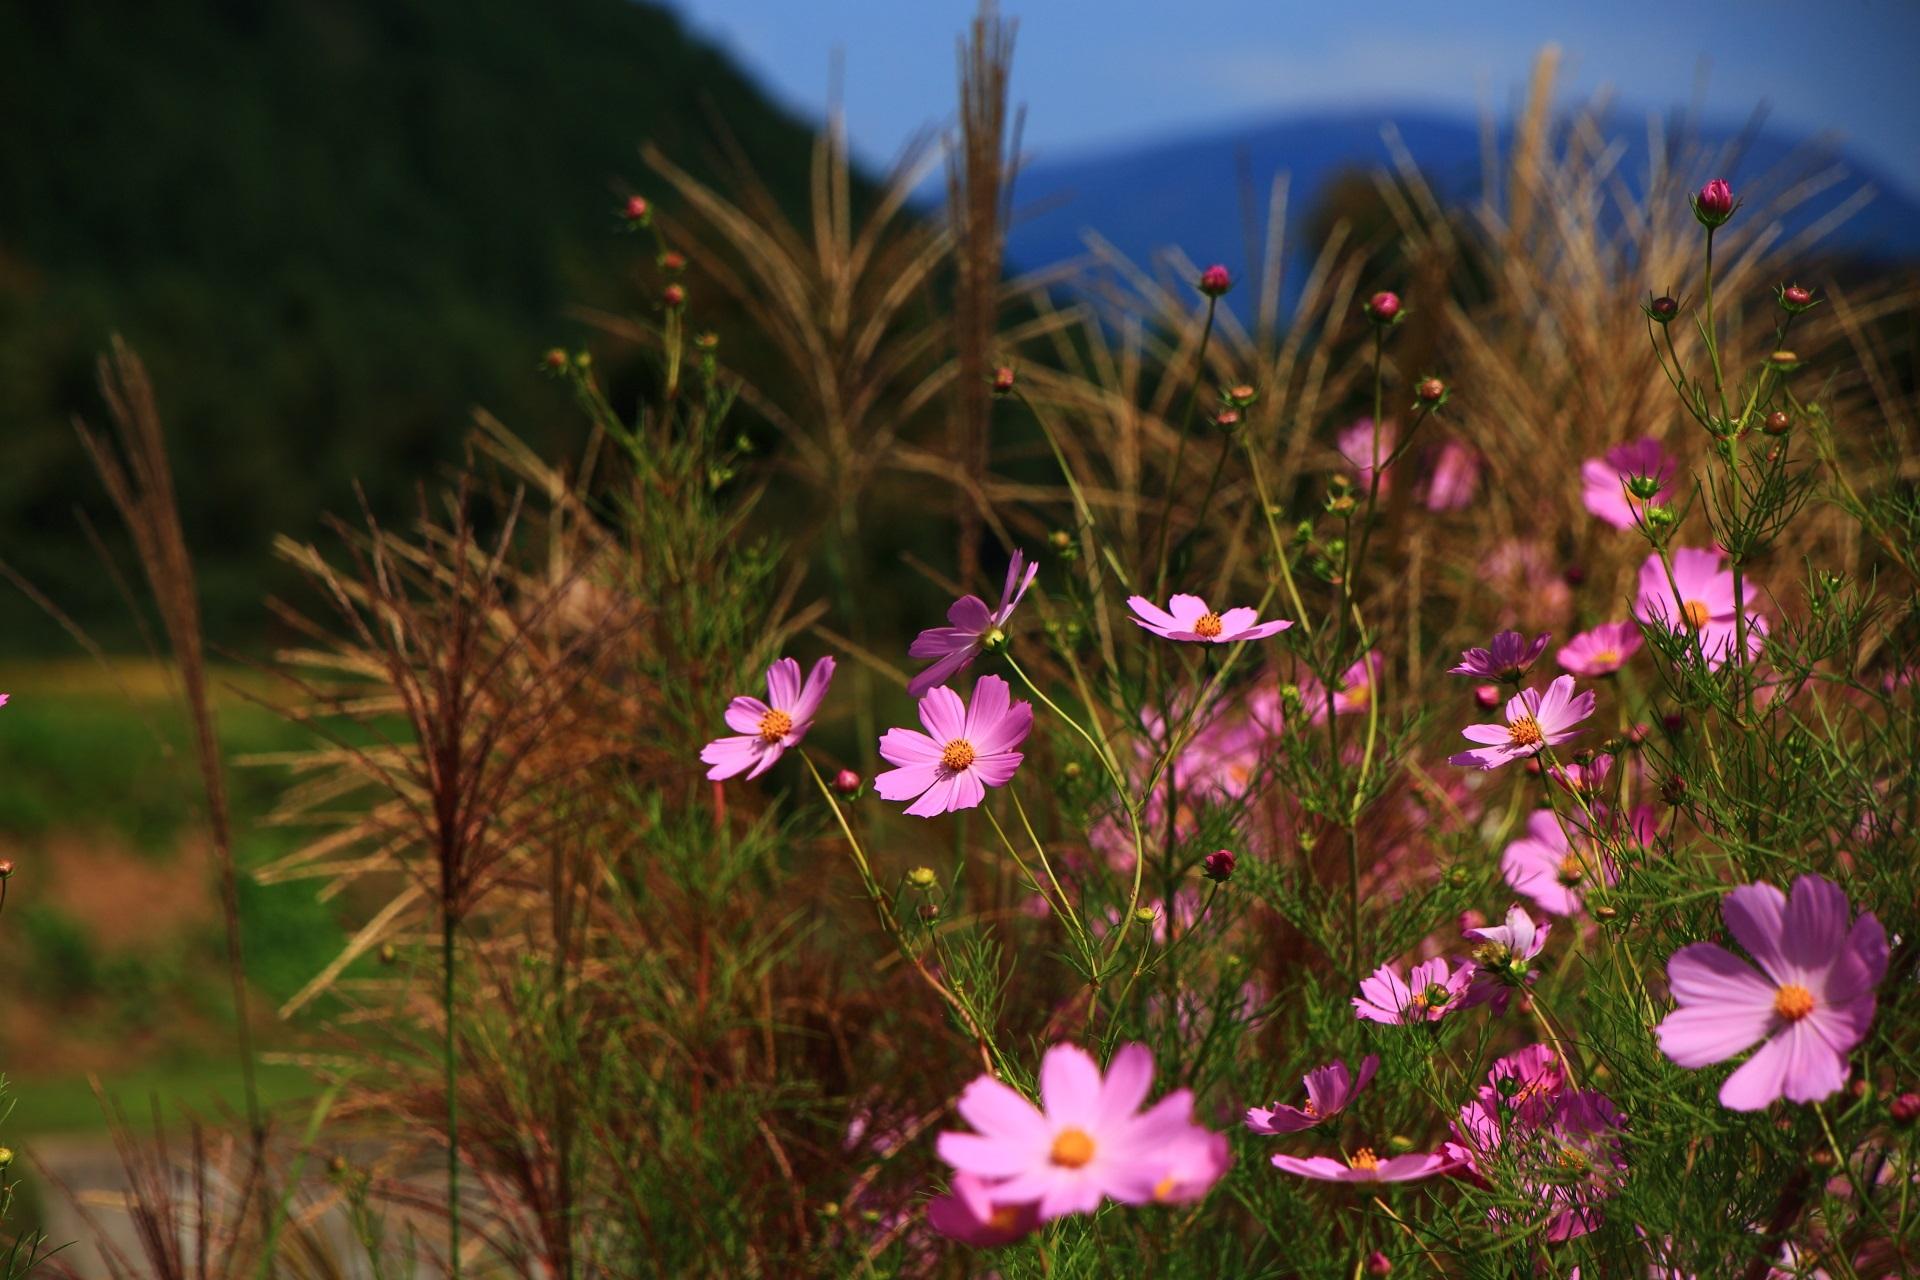 風情ある秋の雰囲気がたっぷりの大原のススキとコスモス